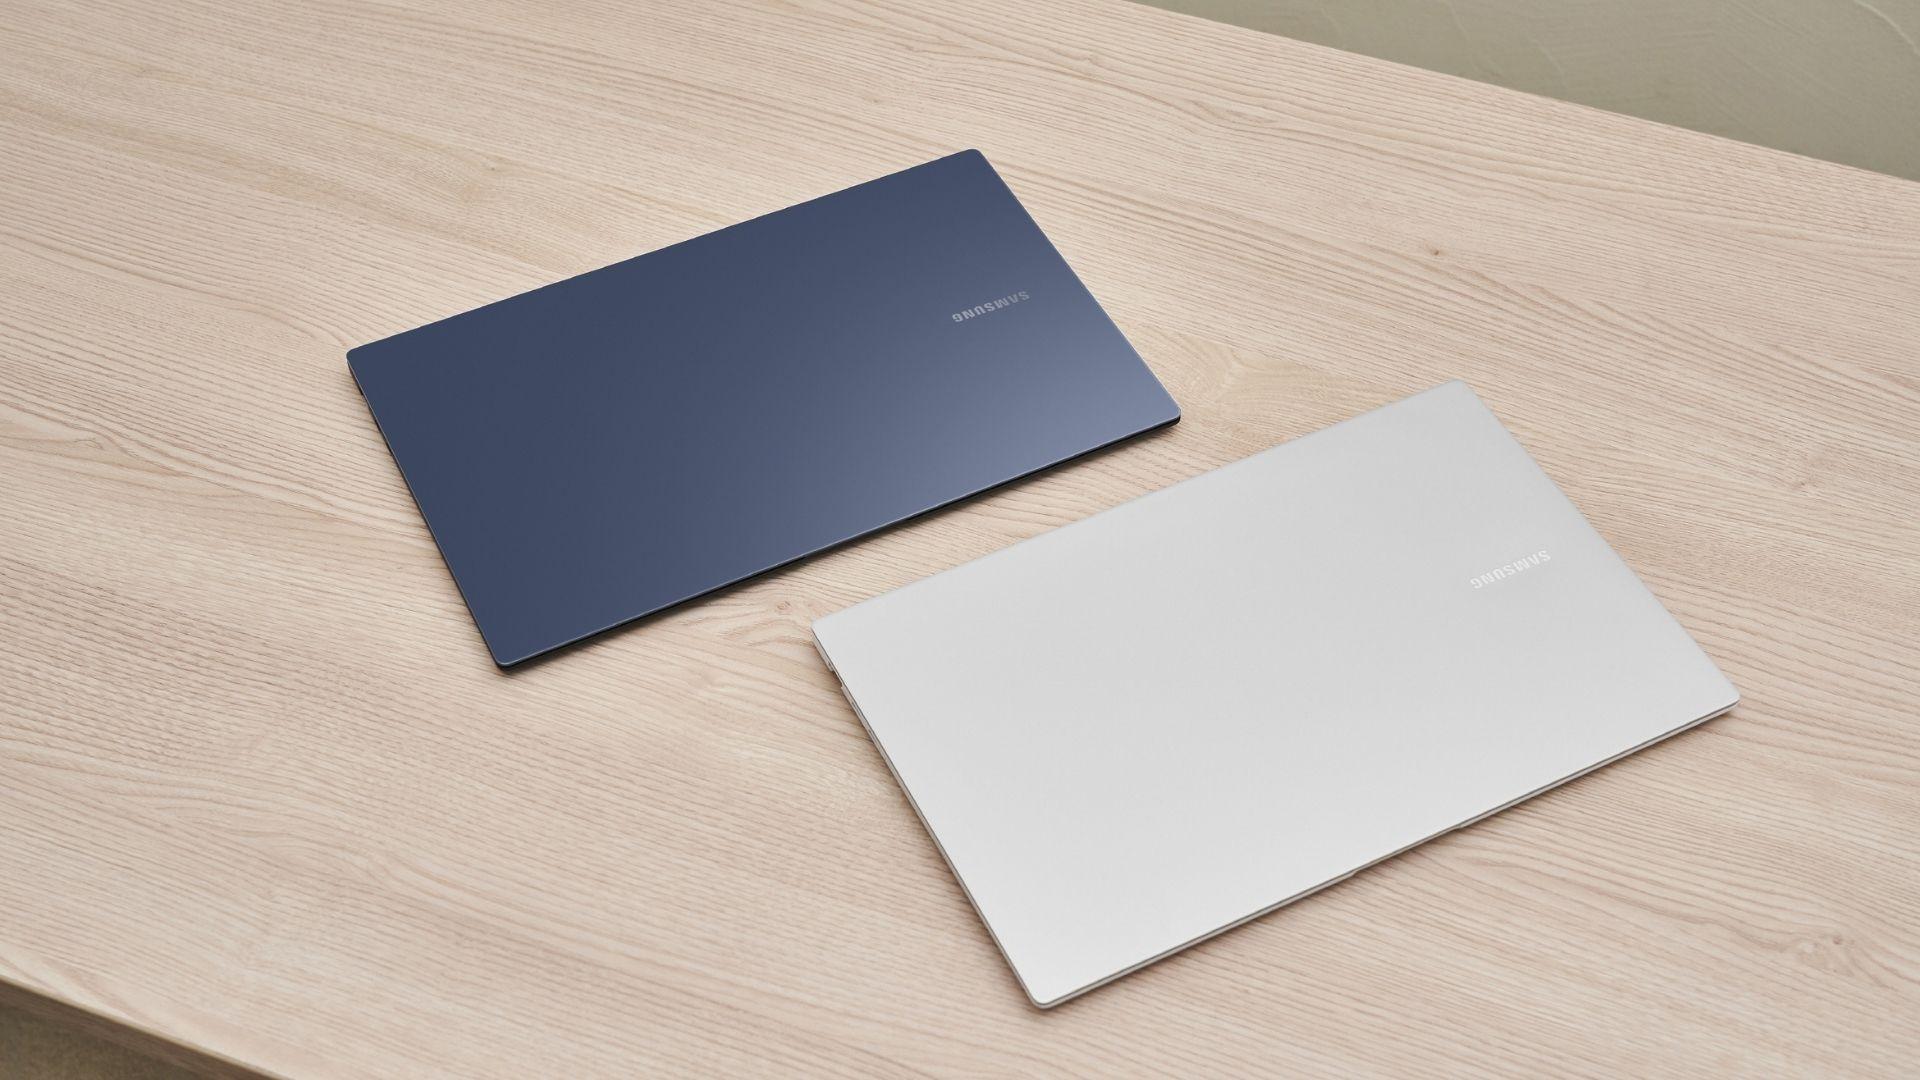 Um notebook cinza escuro e um notebook cinza claro deitados na diagonal